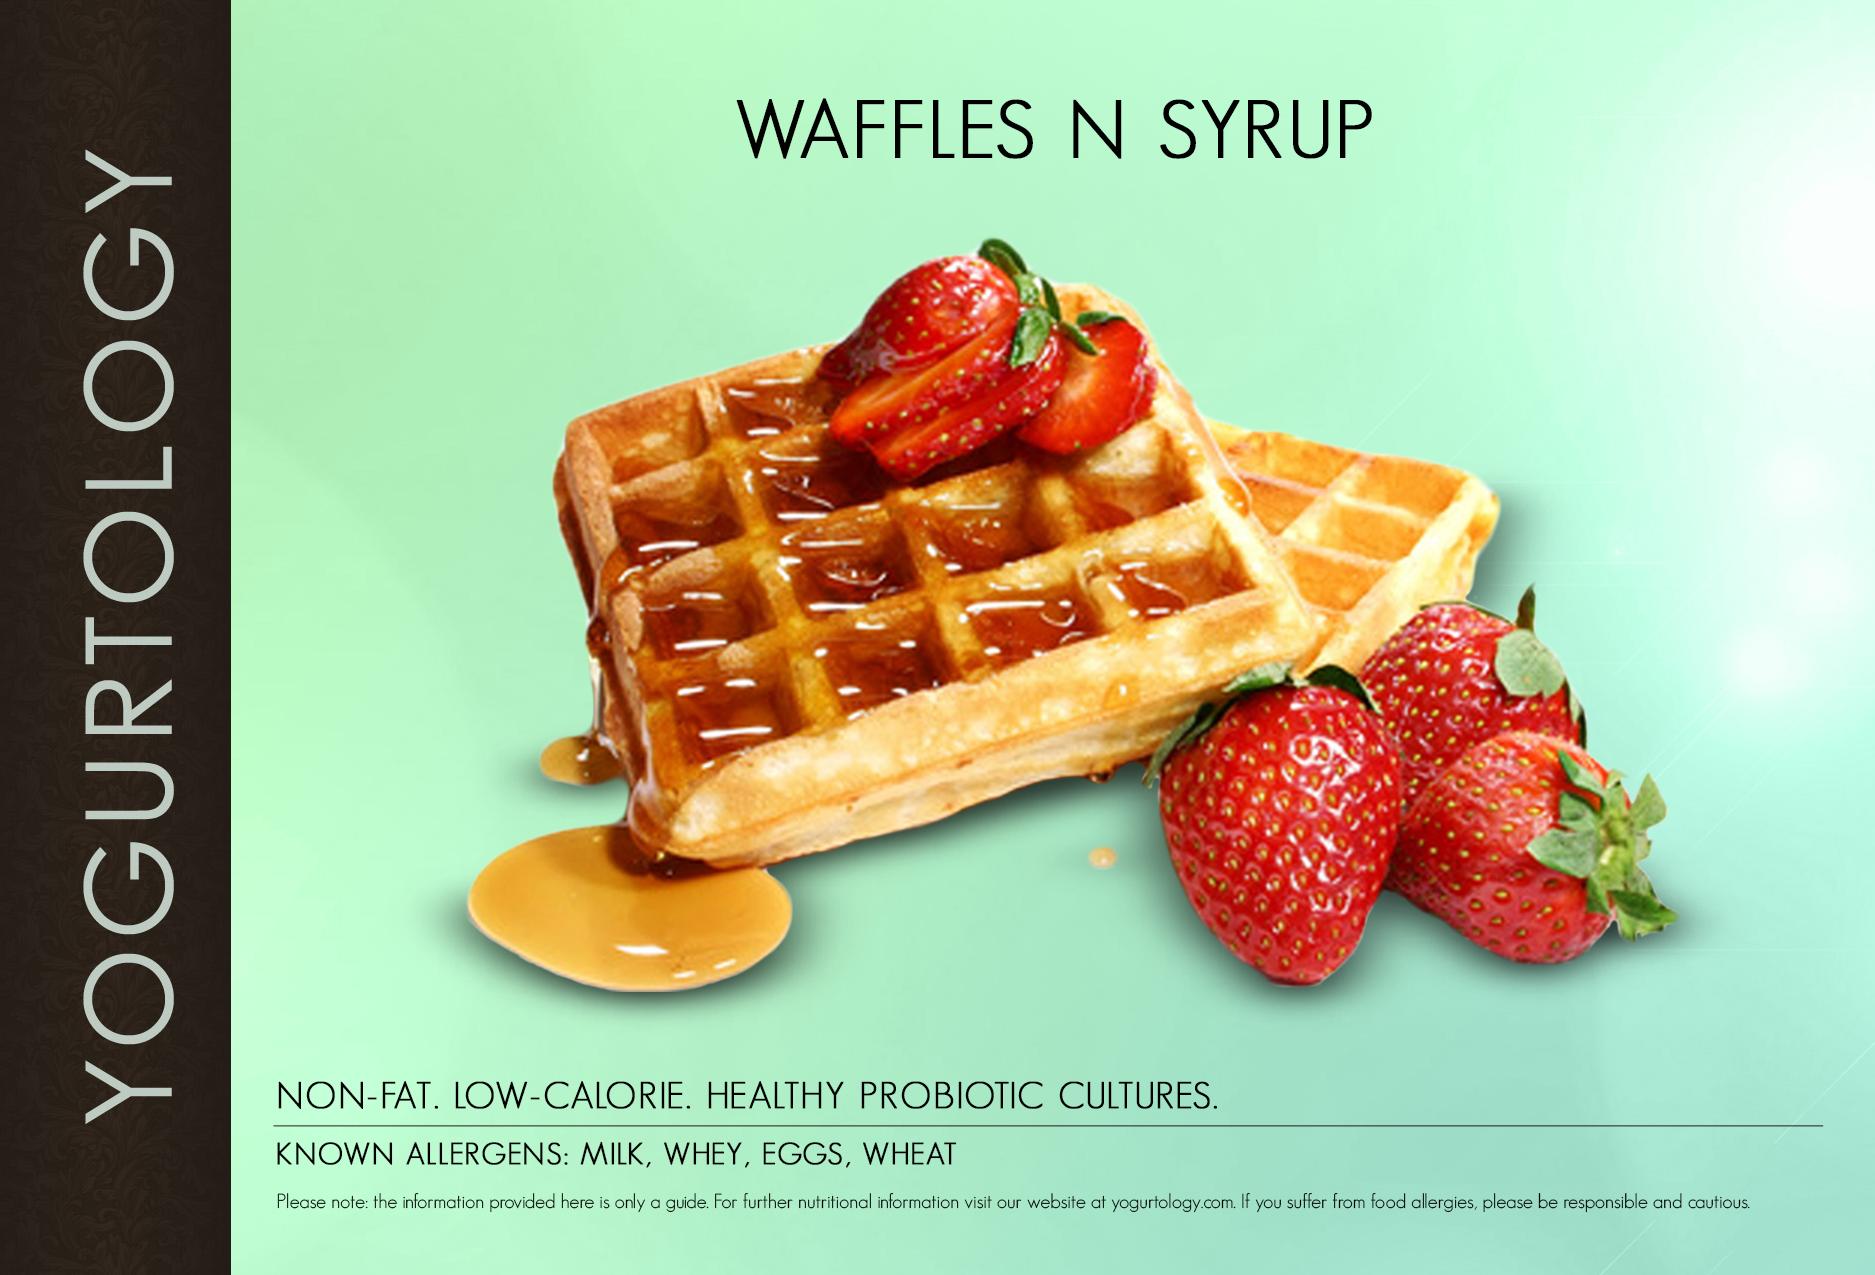 Waffles N Syrup